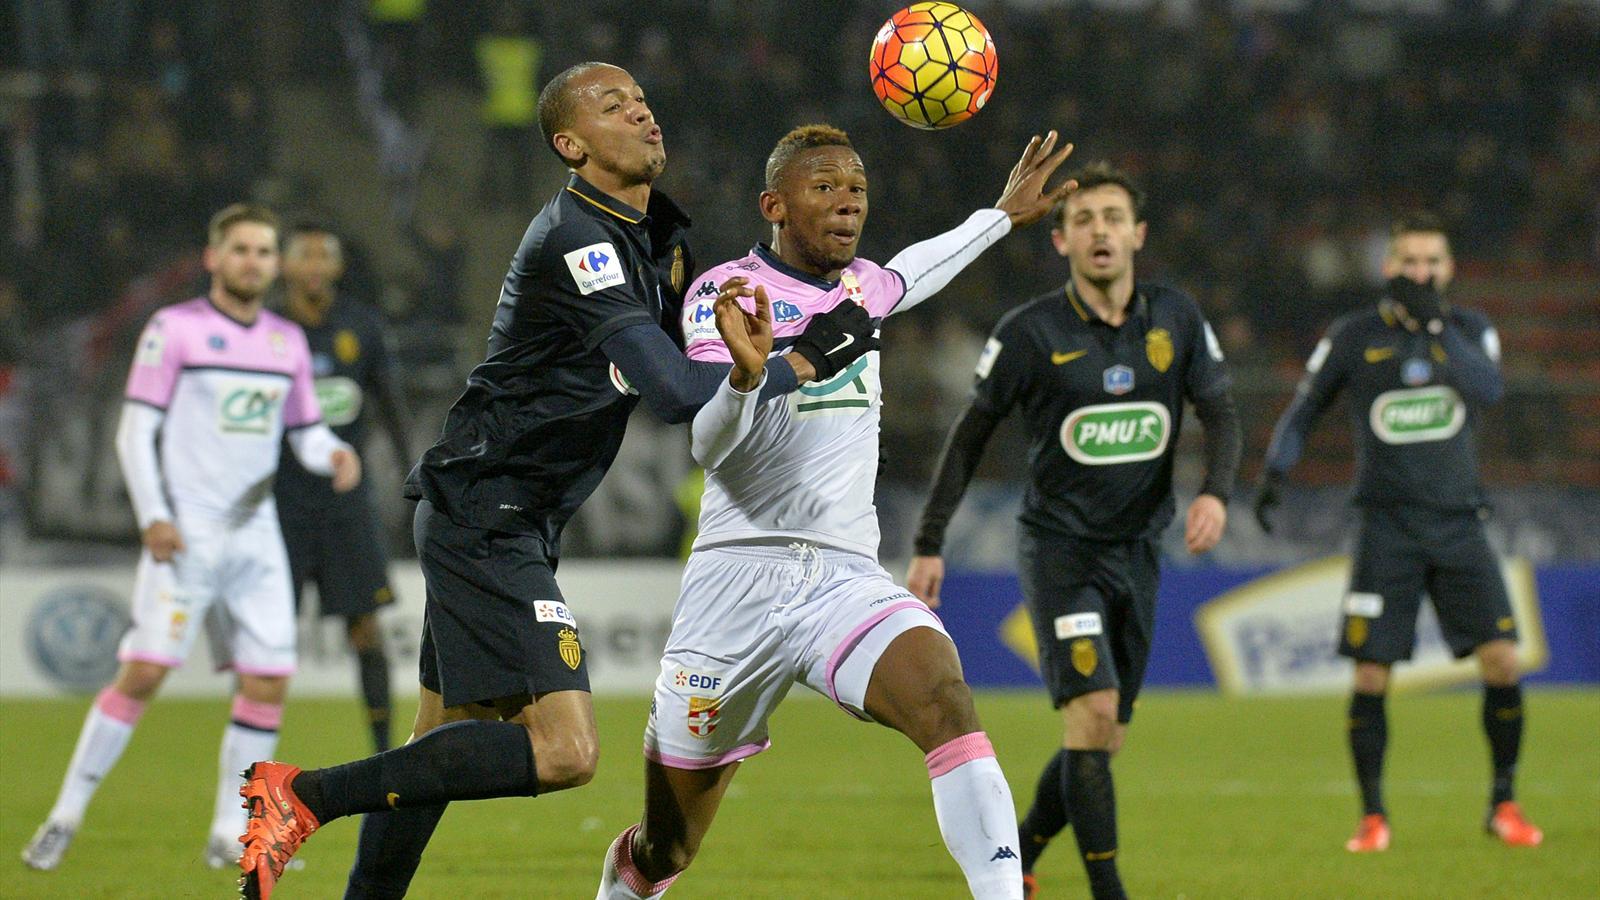 Monaco d nonce un calendrier ubuesque coupe de france 2015 2016 football eurosport - Coupe de france football calendrier ...